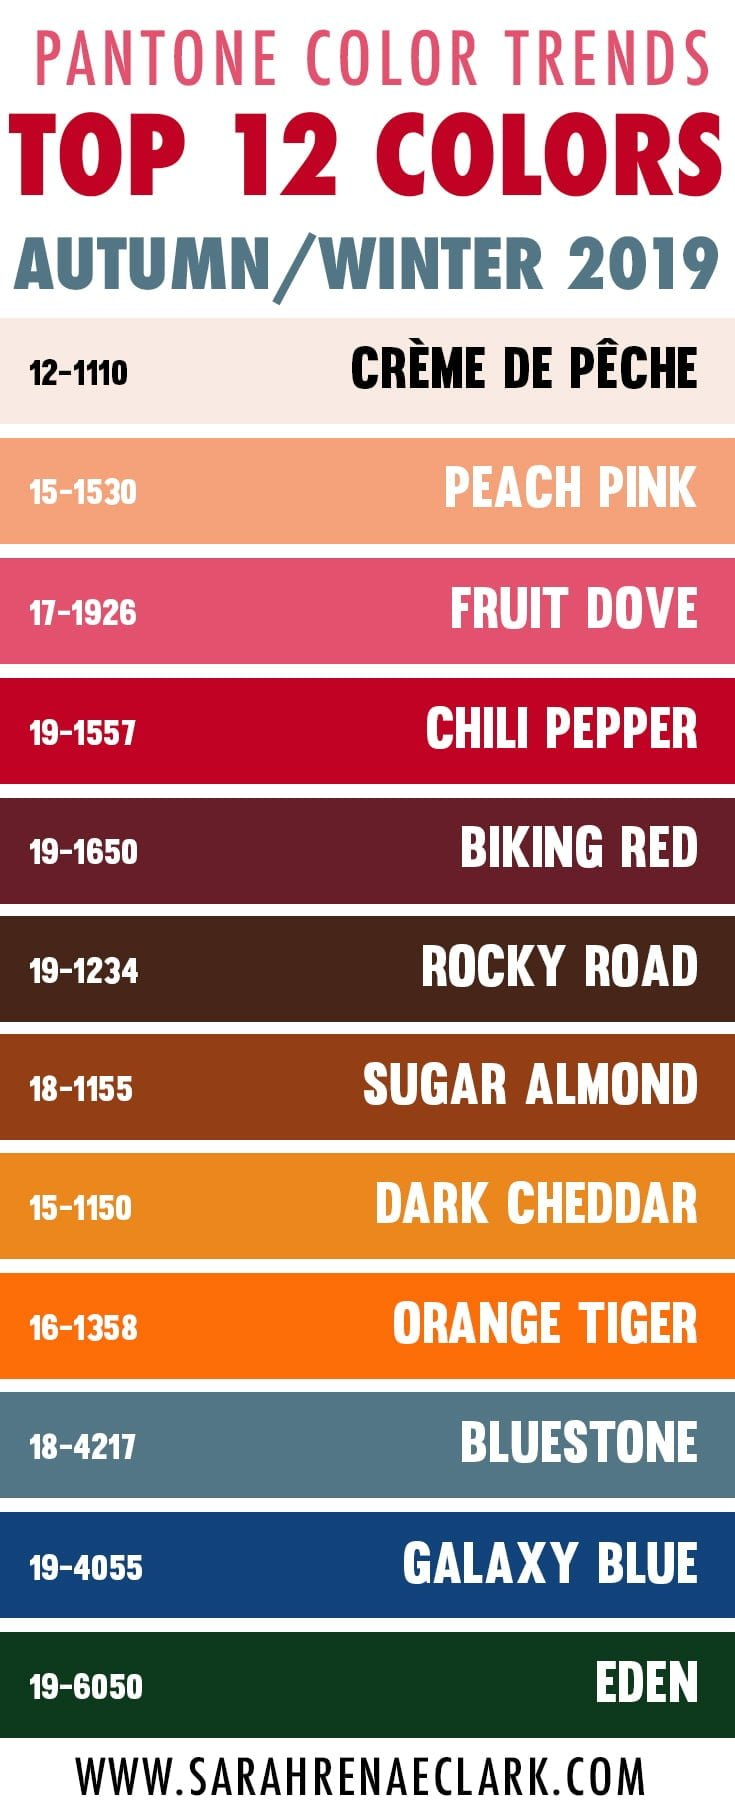 2019 Pantone Color Trend Report - Top 12 Colors for Autumn/Winter 2019-20 include Crème de Pêche, Peach Pink, Fruit Dove, Chili Pepper, Biking Red, Rocky Road, Sugar Almond, Dark Cheddar, Orange Tiger, Bluestone, Galaxy Blue and Eden